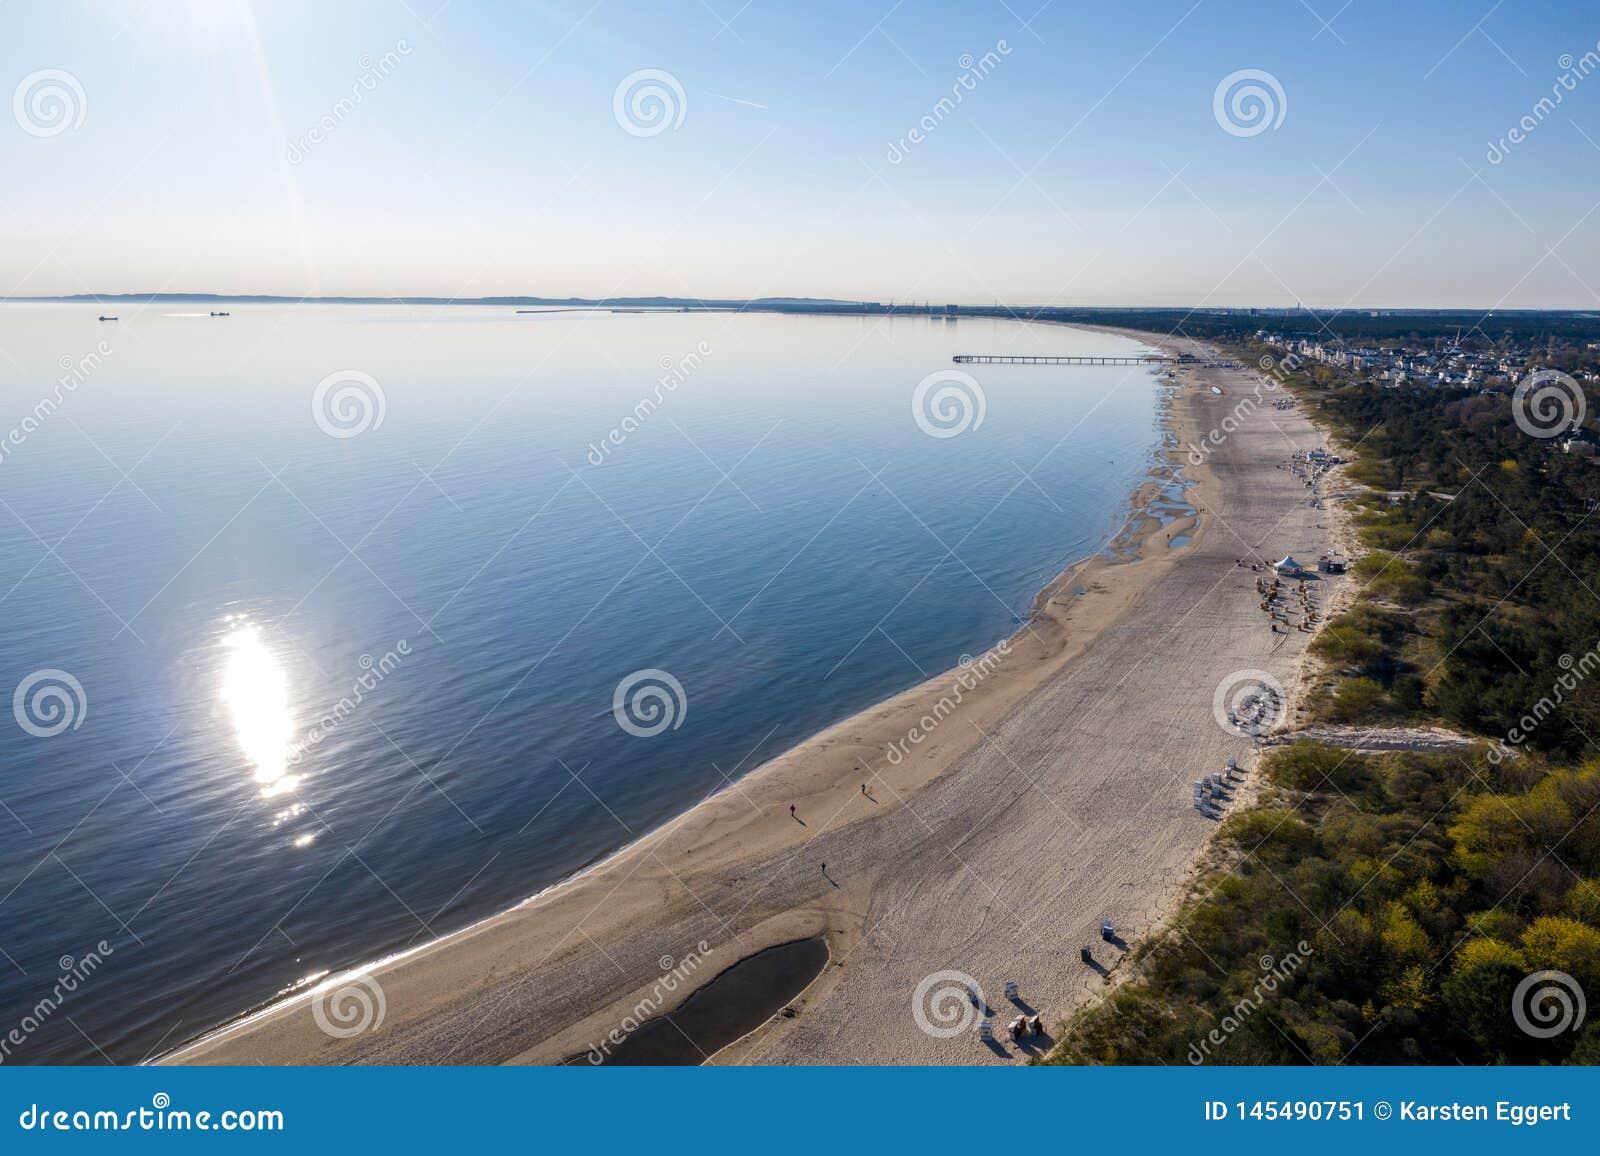 Ahlbeck, Usedom, φύση, υπόβαθρο, καλοκαίρι, ωκεανός, κορυφή, κηφήνας, νερό, άνθρ